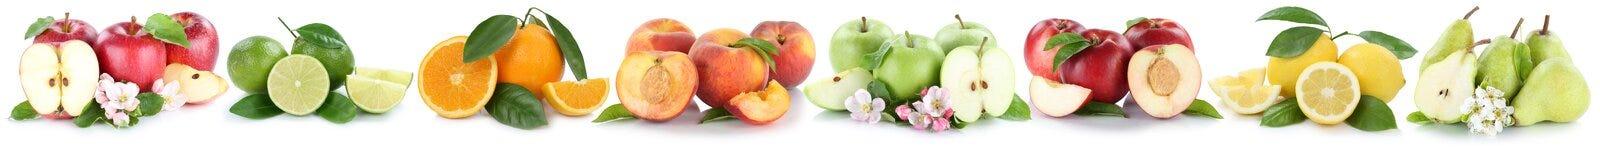 Fruttifica la frutta fresca i del limone della mela della nettarina delle arance arancio delle mele Fotografie Stock Libere da Diritti